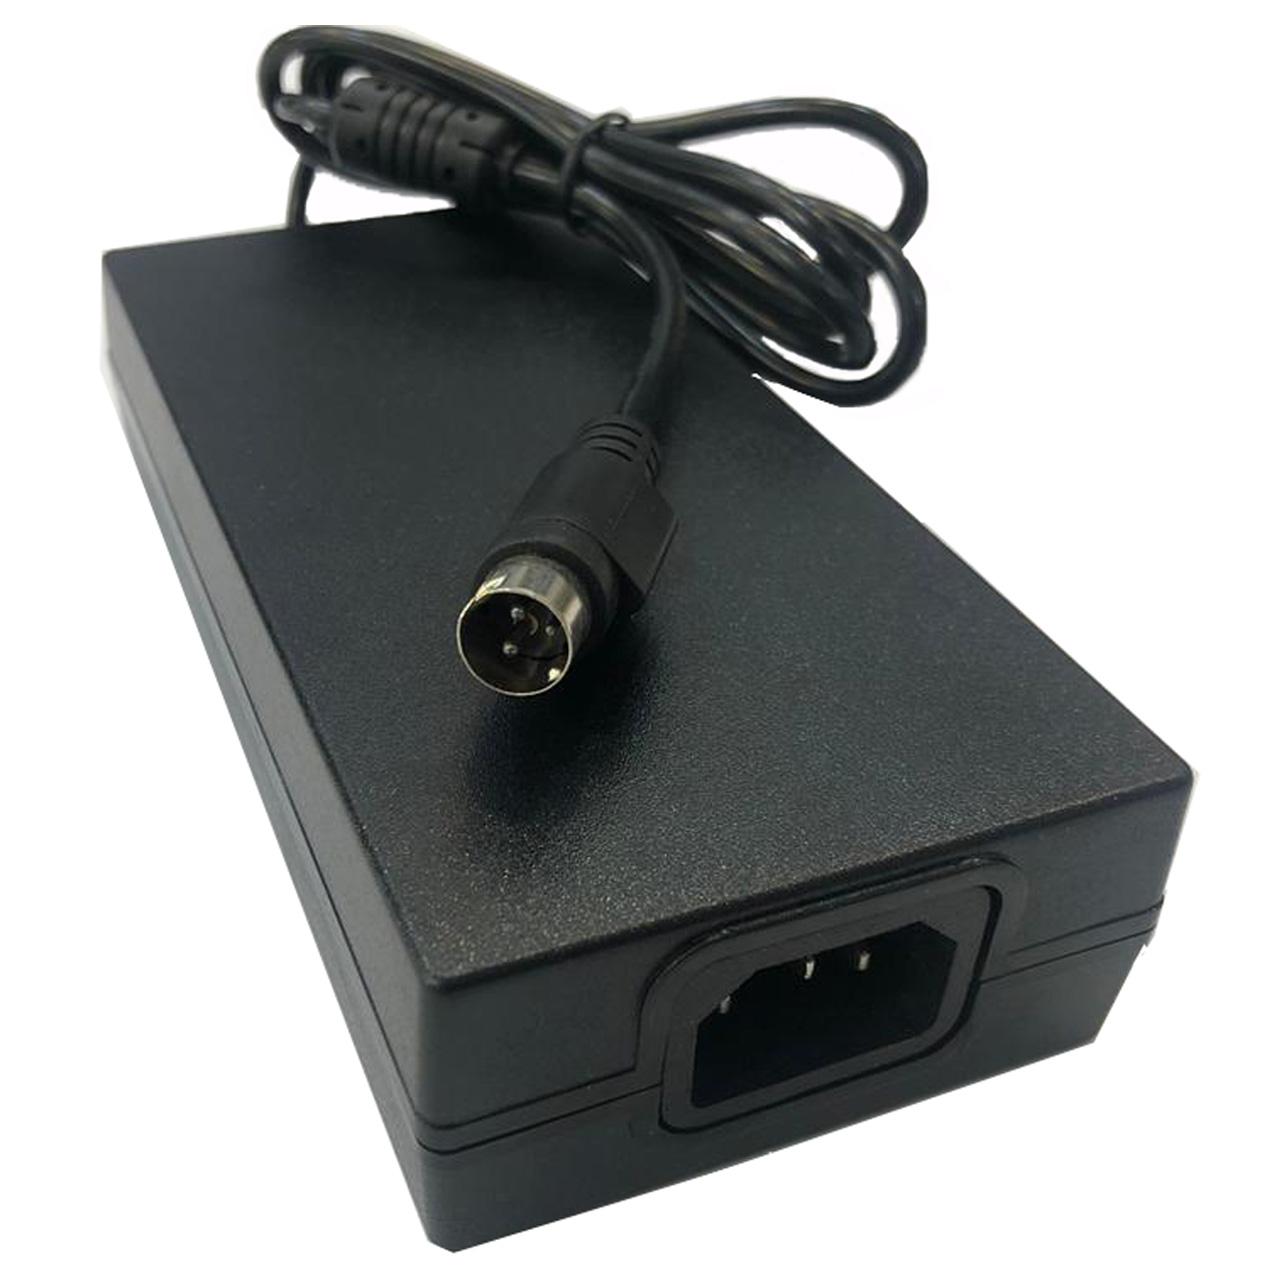 آداپتور 24 ولت 2.5 آمپر اپسون مدل PS-180 مناسب برای پرینترهای حرارتی